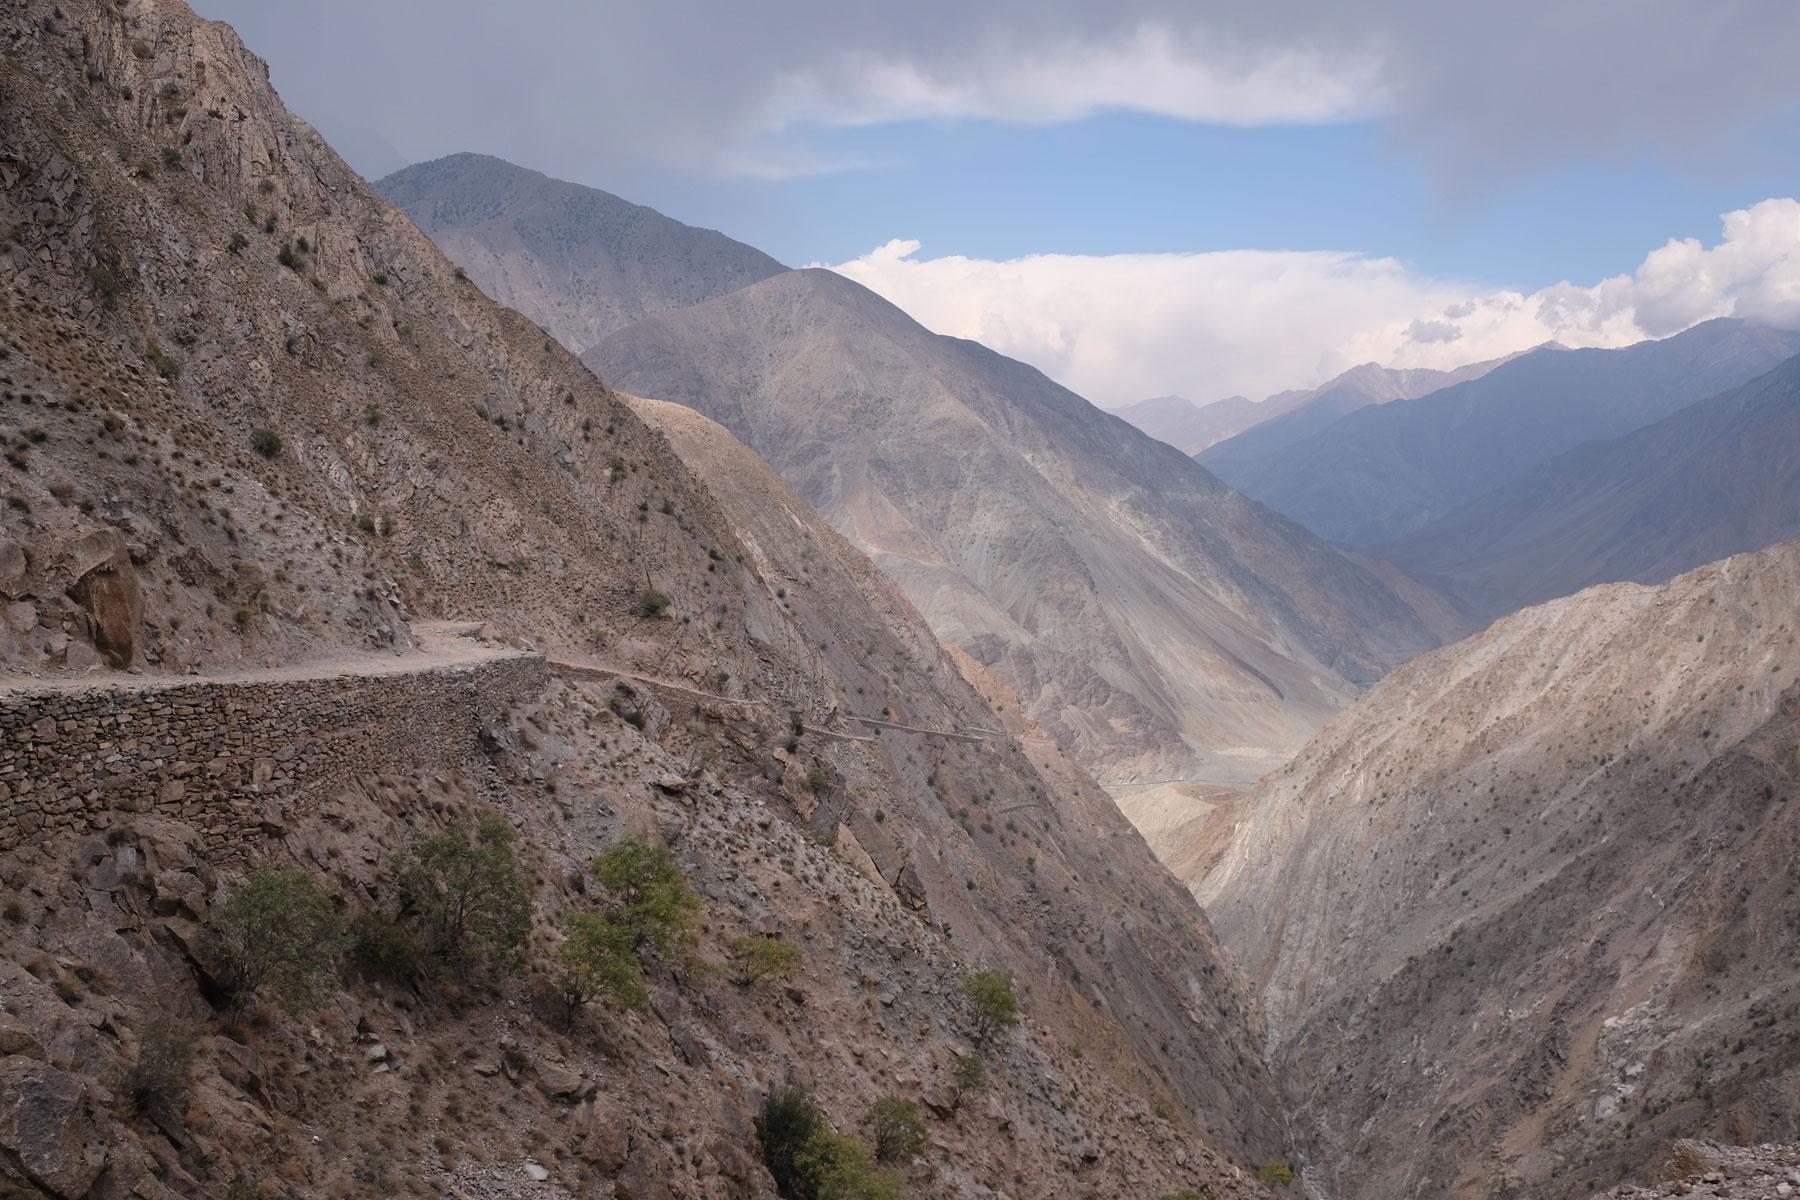 Karakorumgebirge in Pakistan.